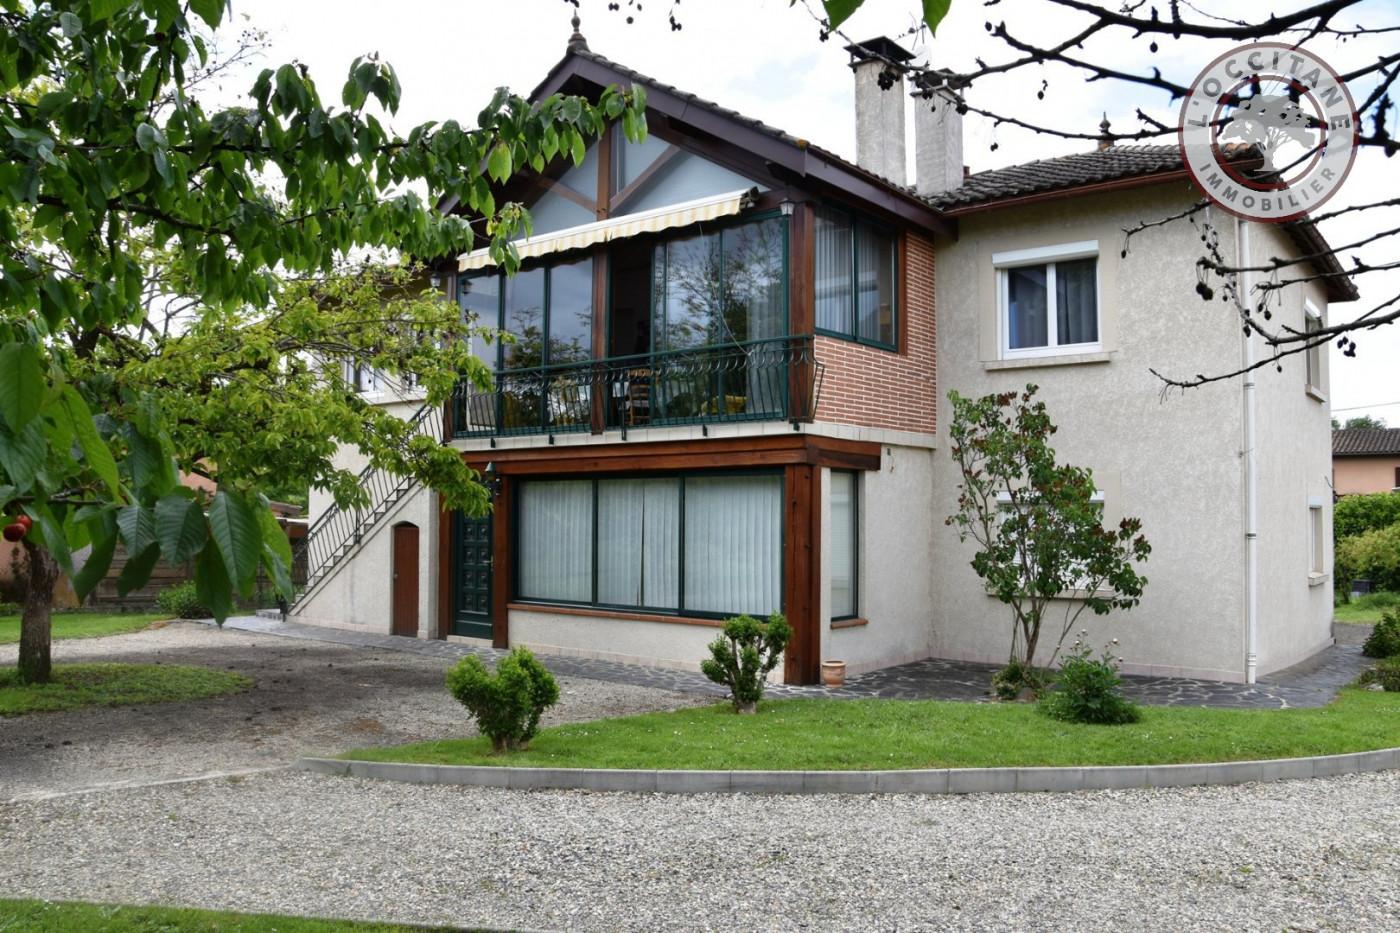 A vendre  L'isle-jourdain | Réf 320072151 - L'occitane immobilier